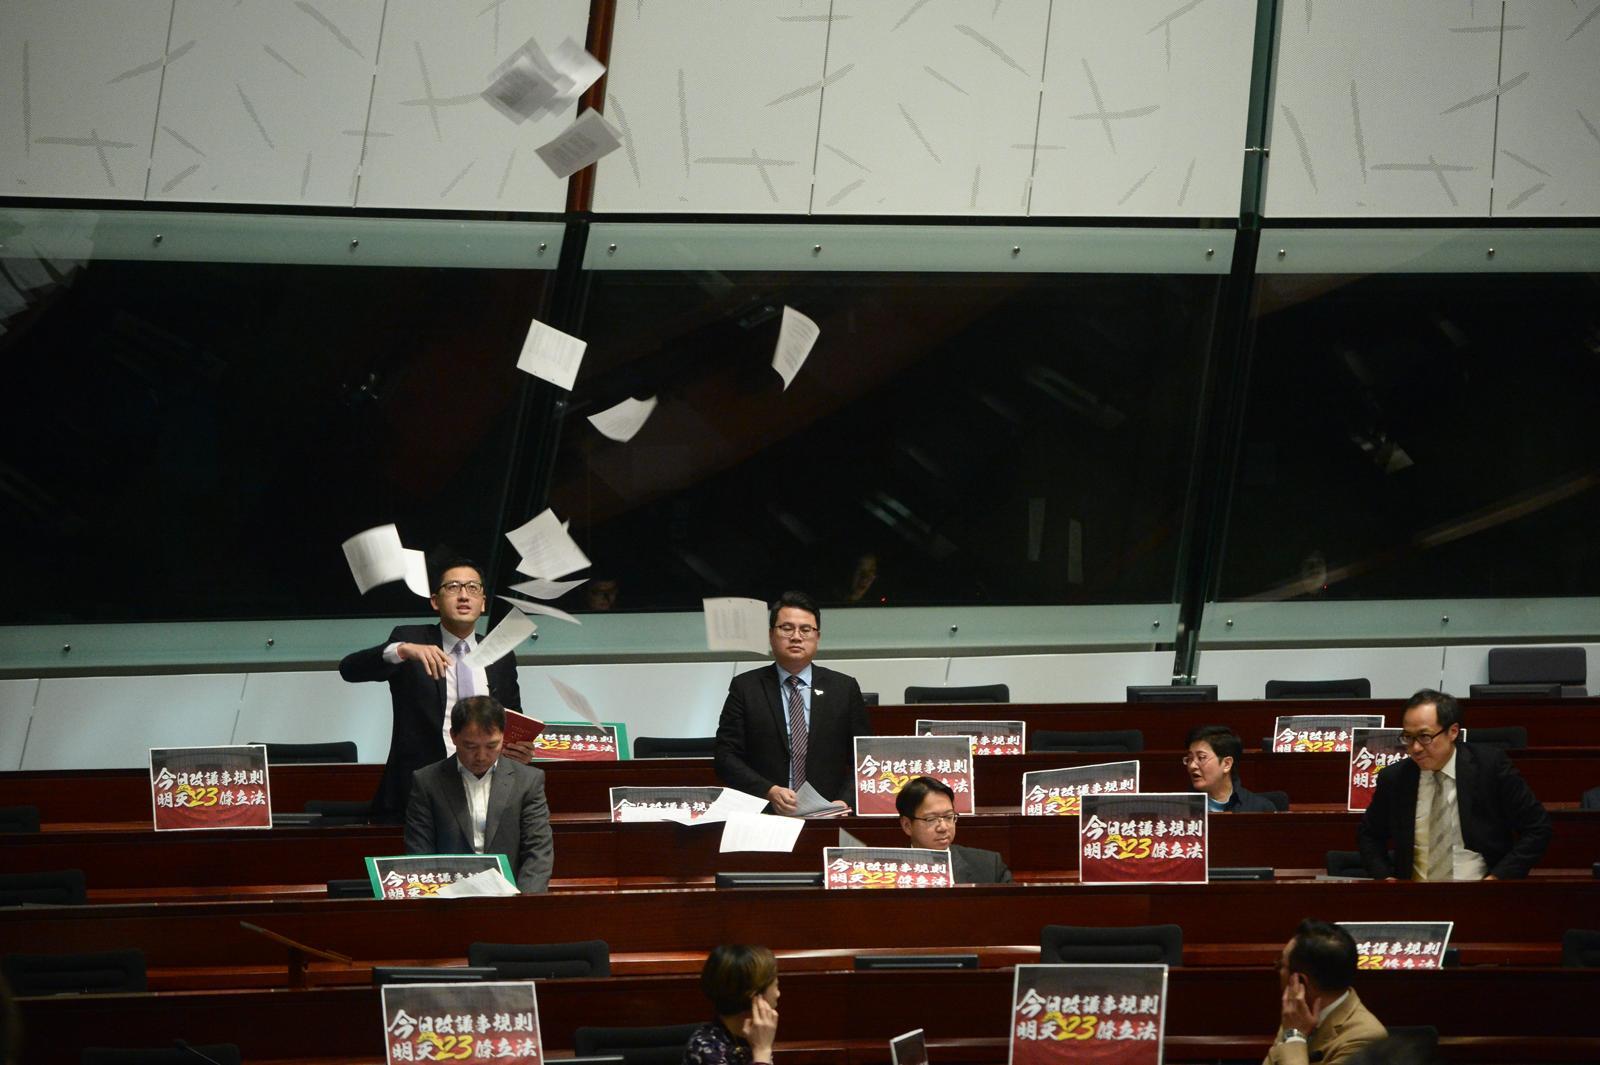 表決前在席的民主派議員抗議。